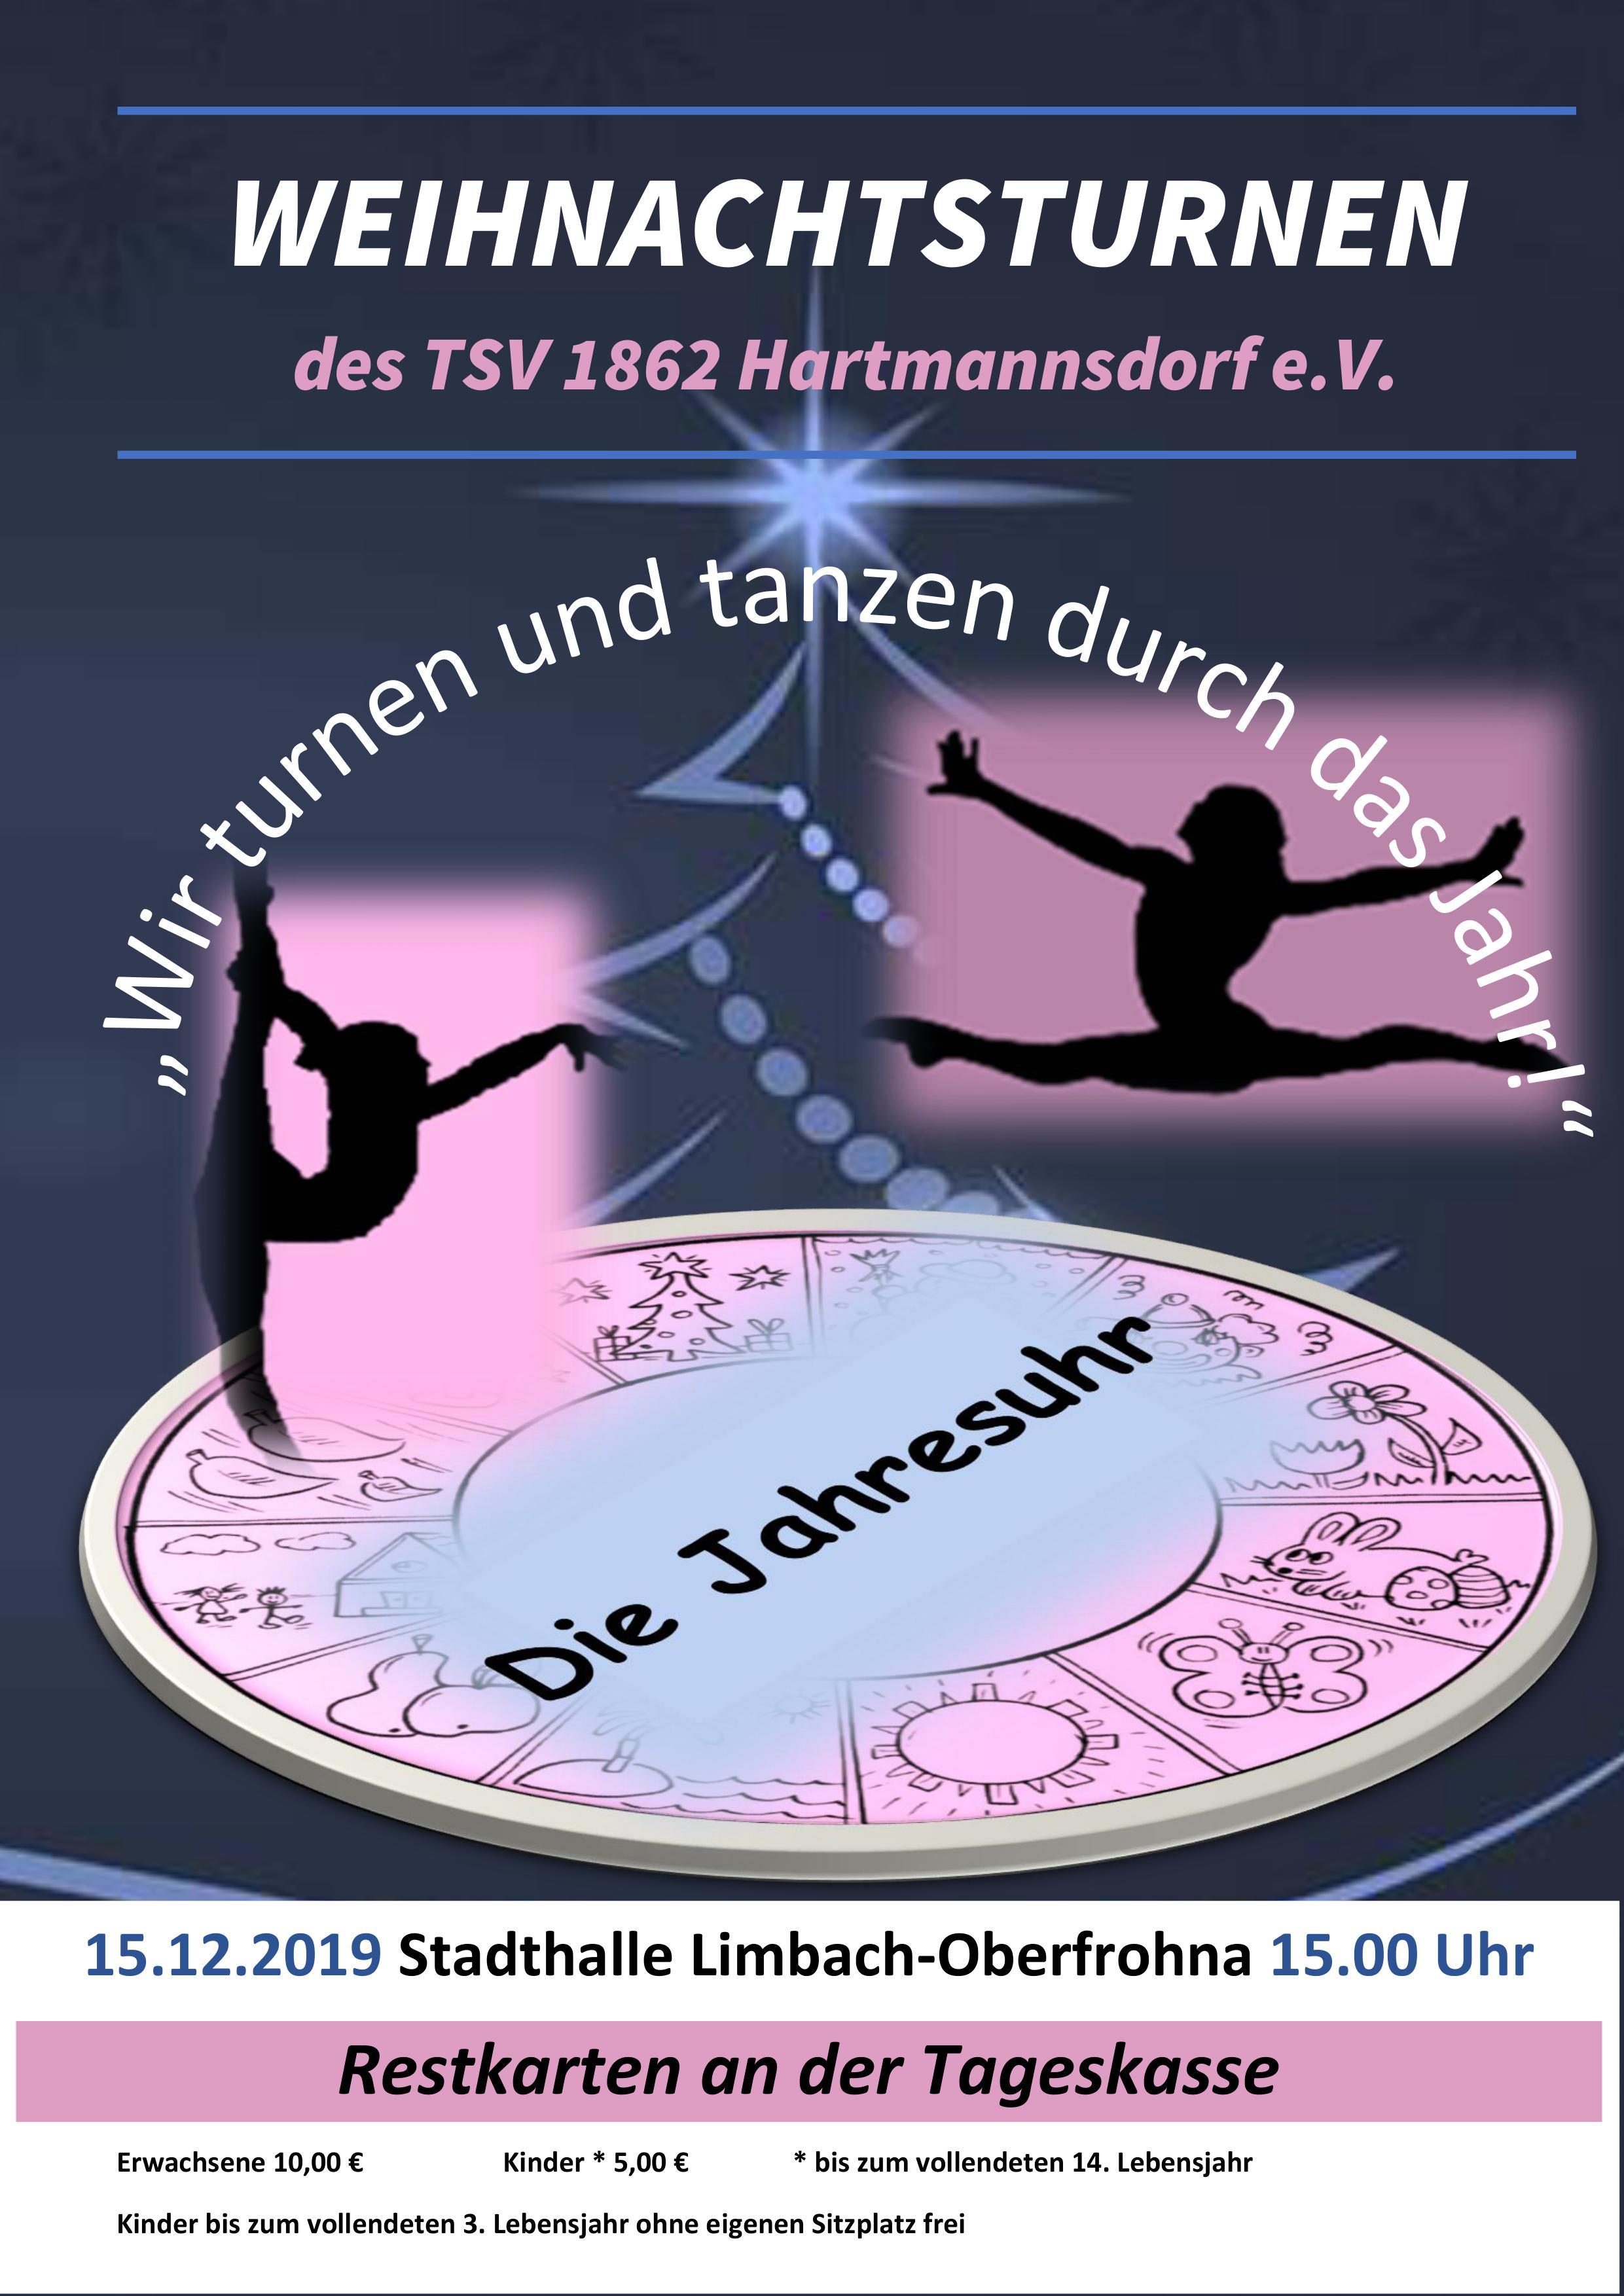 Weihnachtsturnen des TSV 1862 Hartmannsdorf e.V.